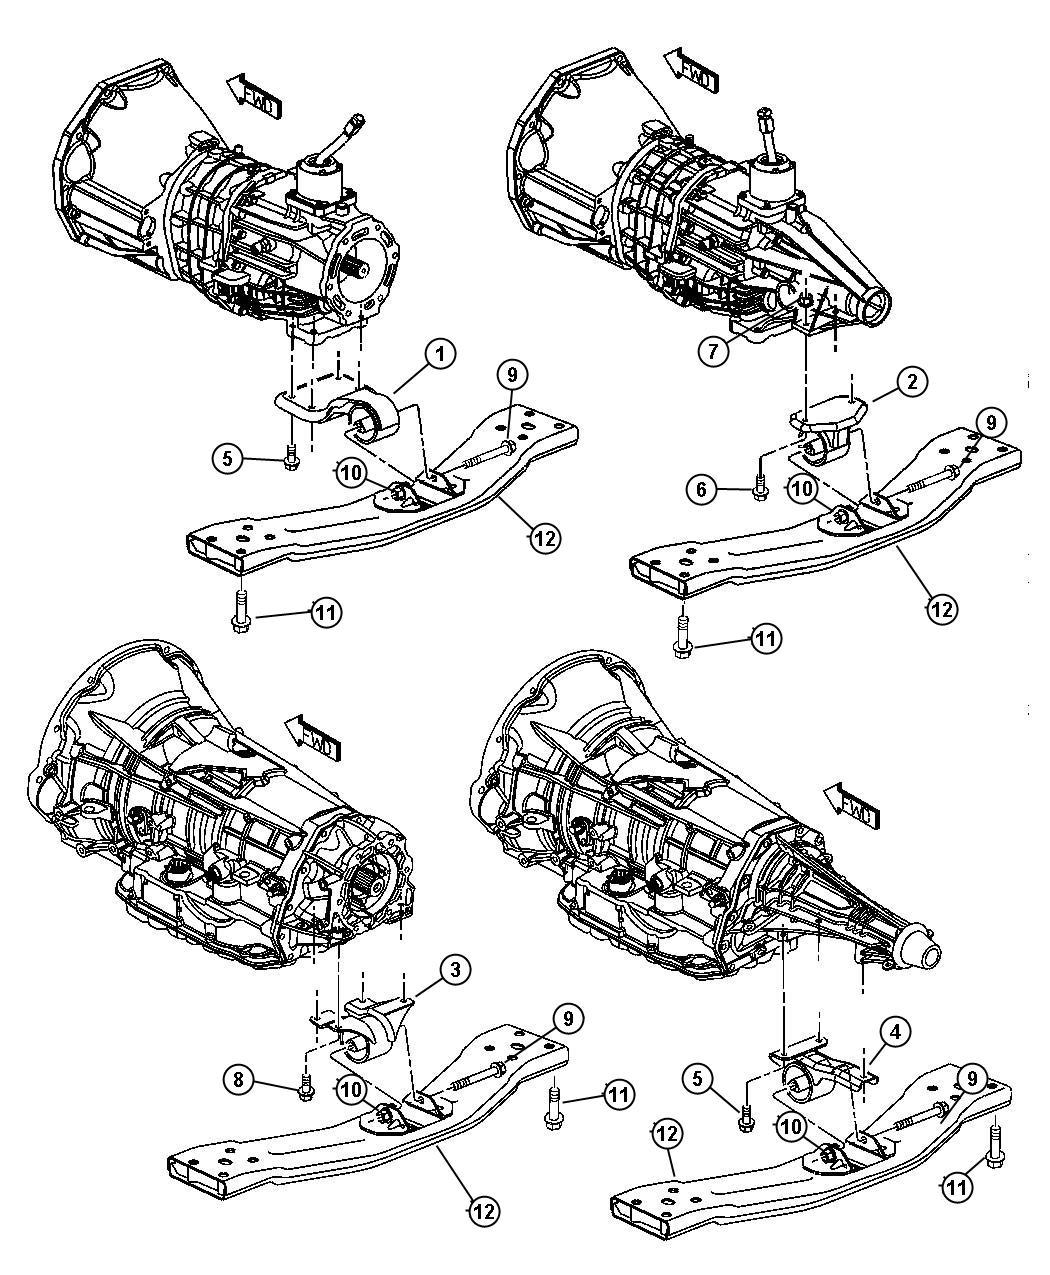 Chrysler Sebring Used For Bracket And Insulator